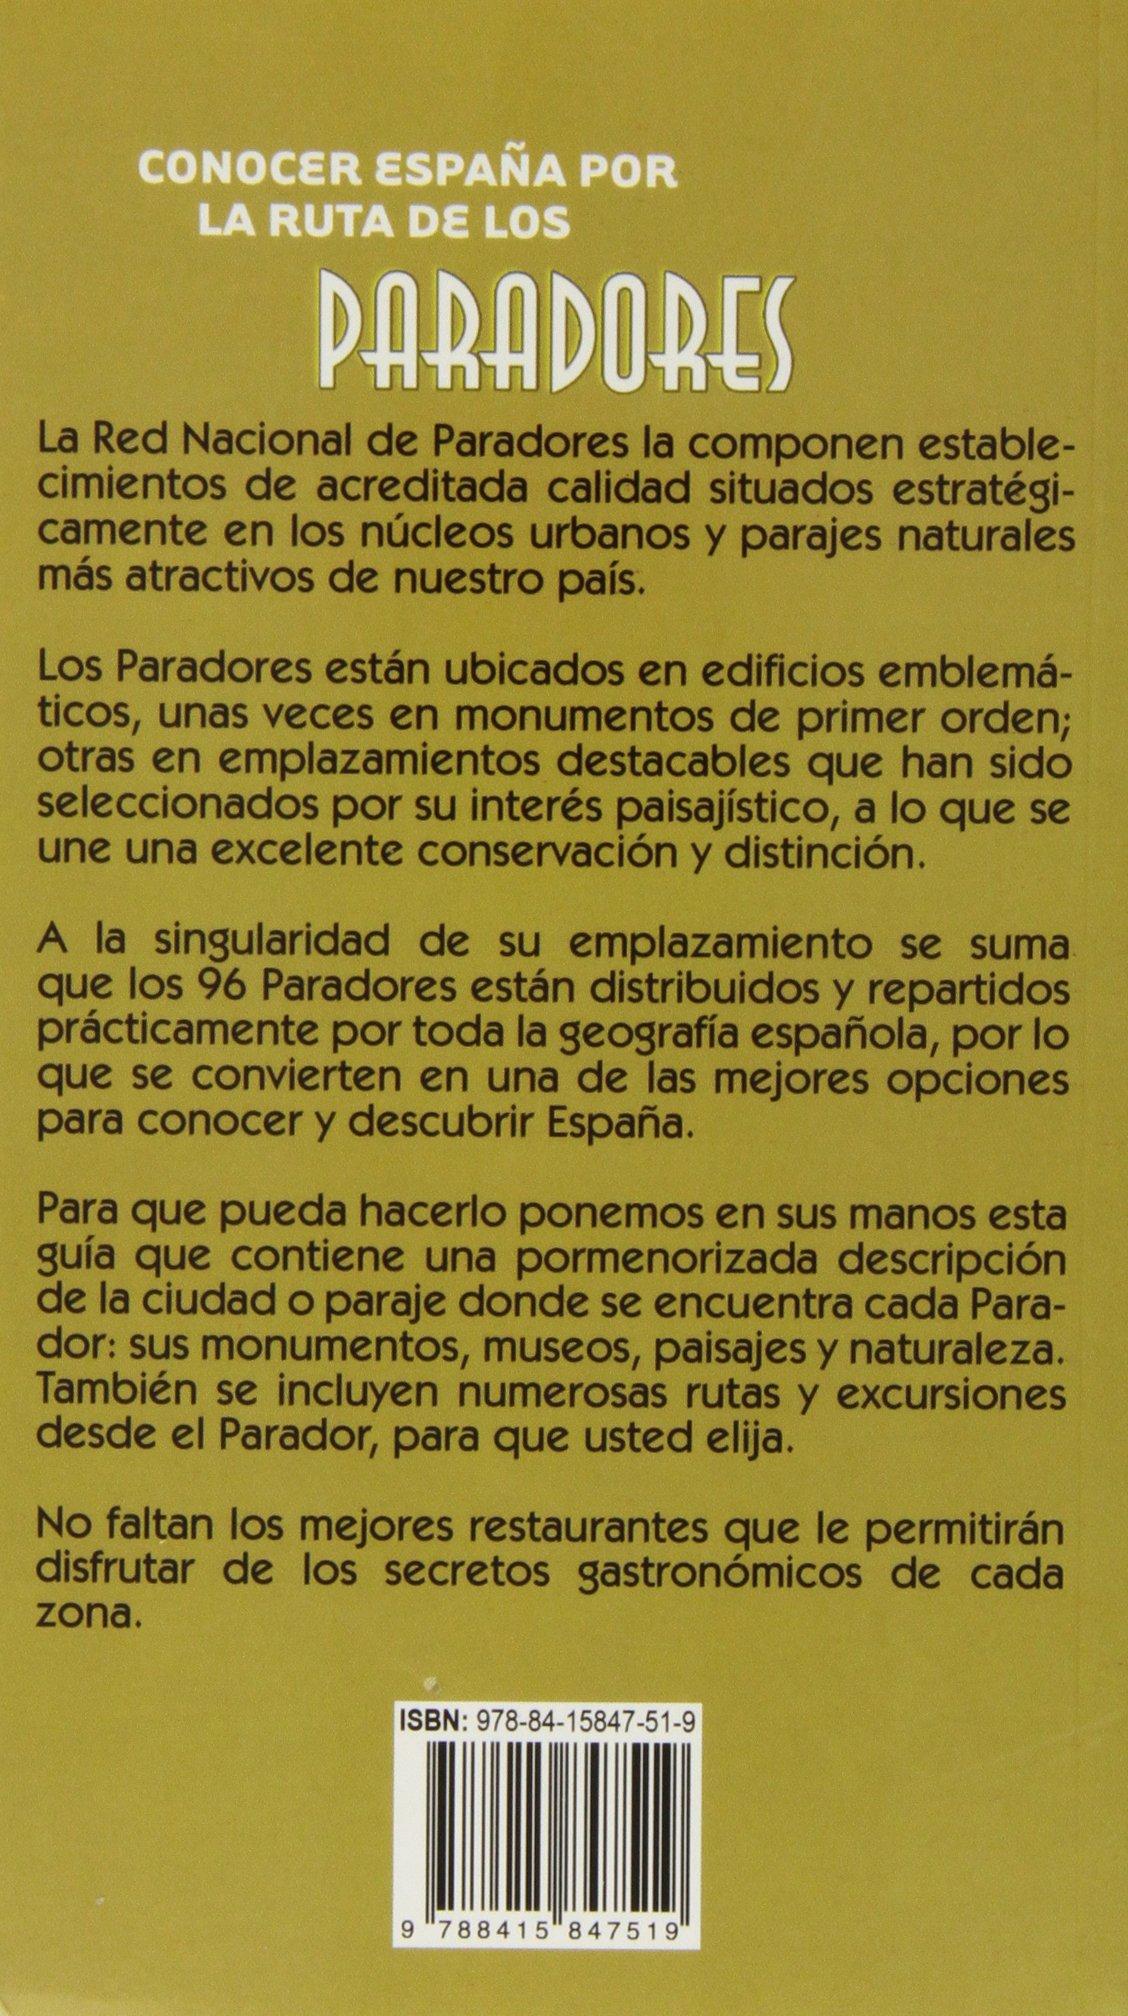 Conocer España por la ruta de los Paradores: Amazon.es: Ingelmo, Angel, García, Jesús, Ledrado, Paloma, Monreal, Manuel: Libros